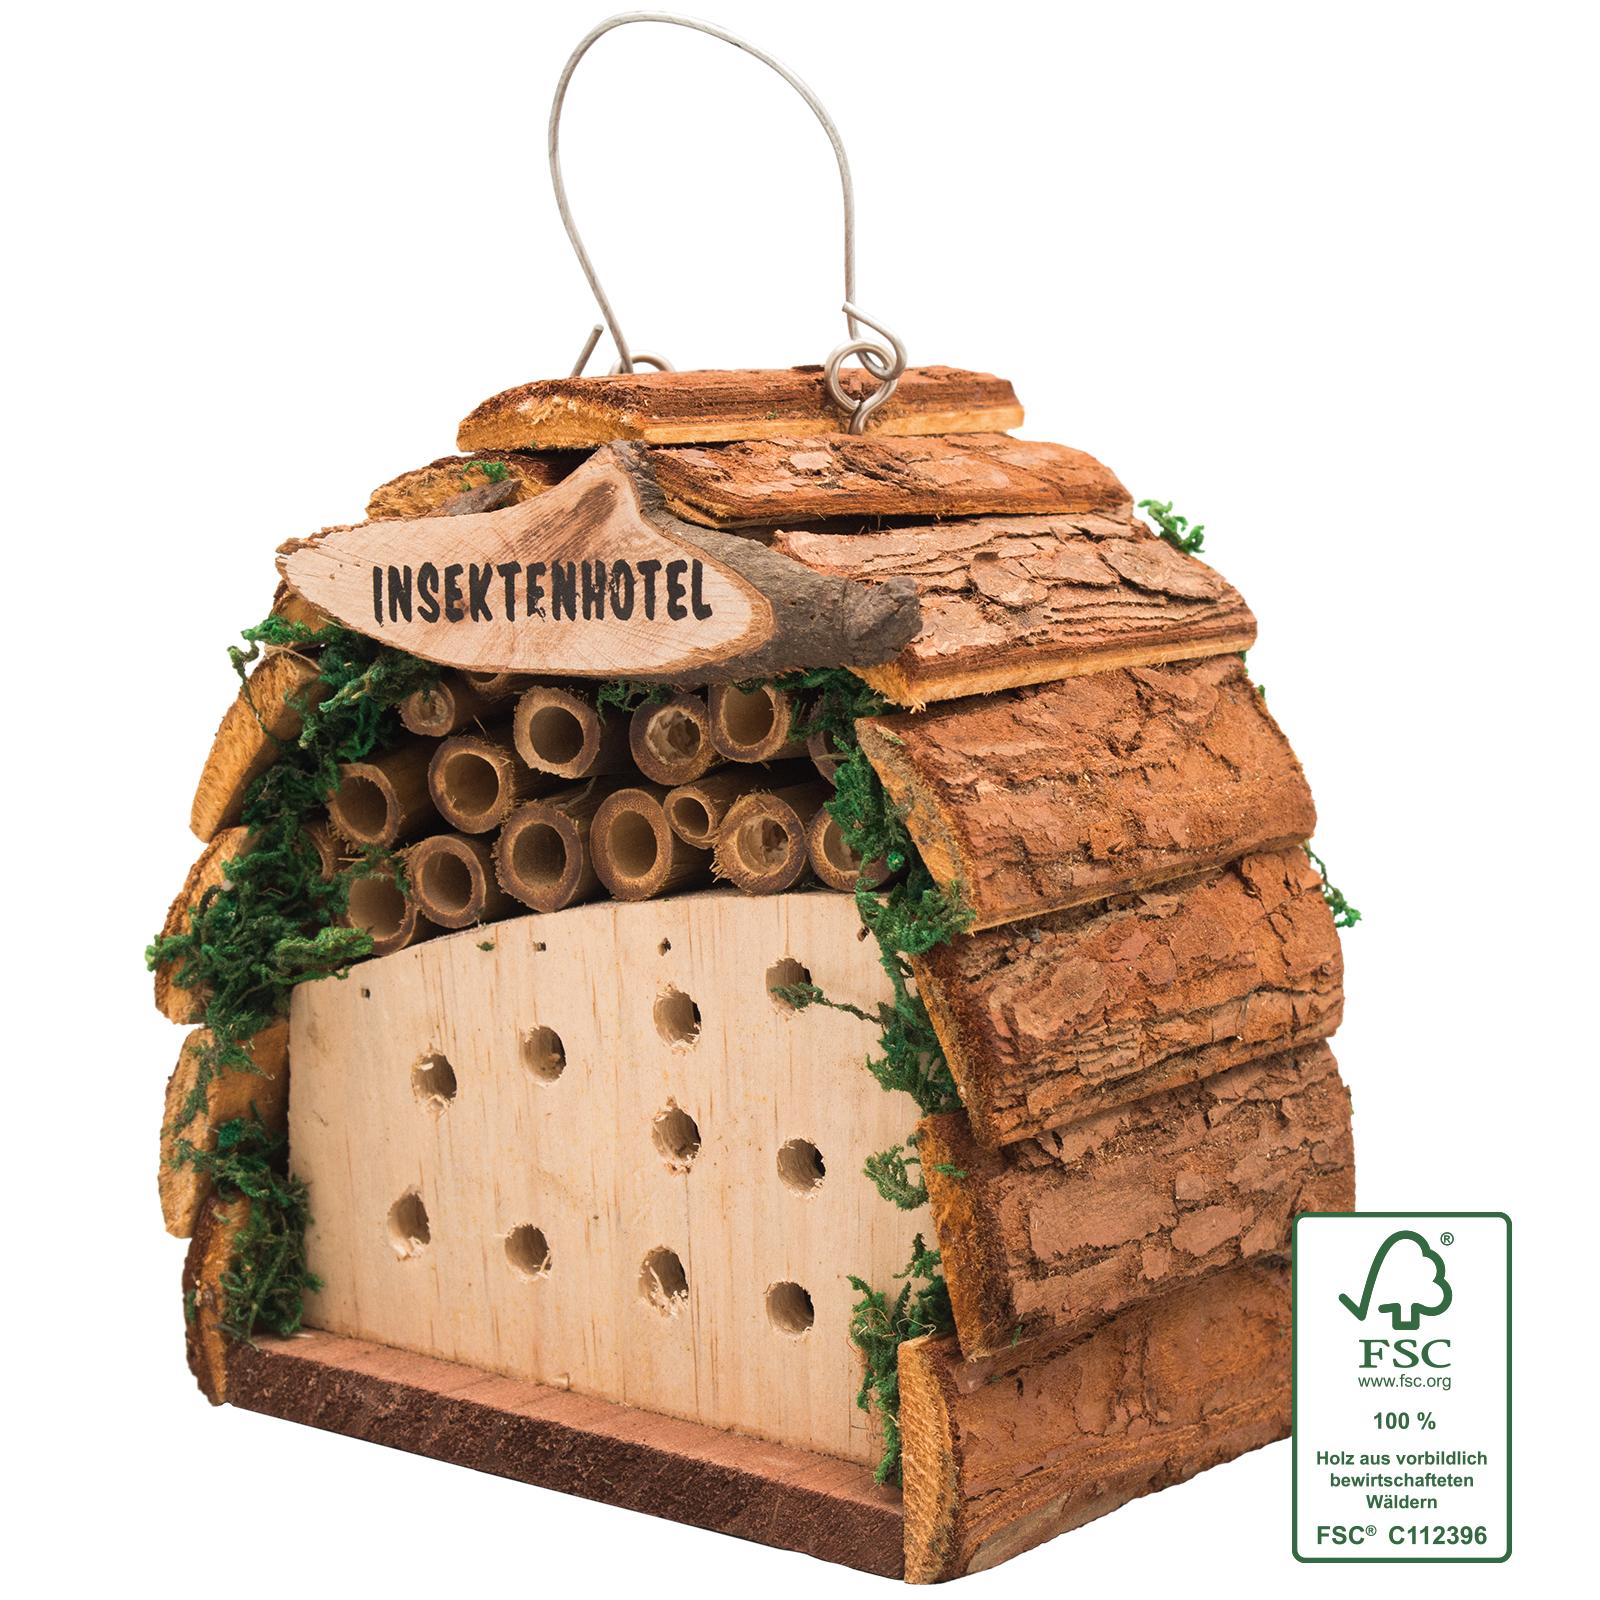 Insektenhotel Insektenhaus Bausatz für Kinder Bienenhotel Holz FSC-zertifiziert